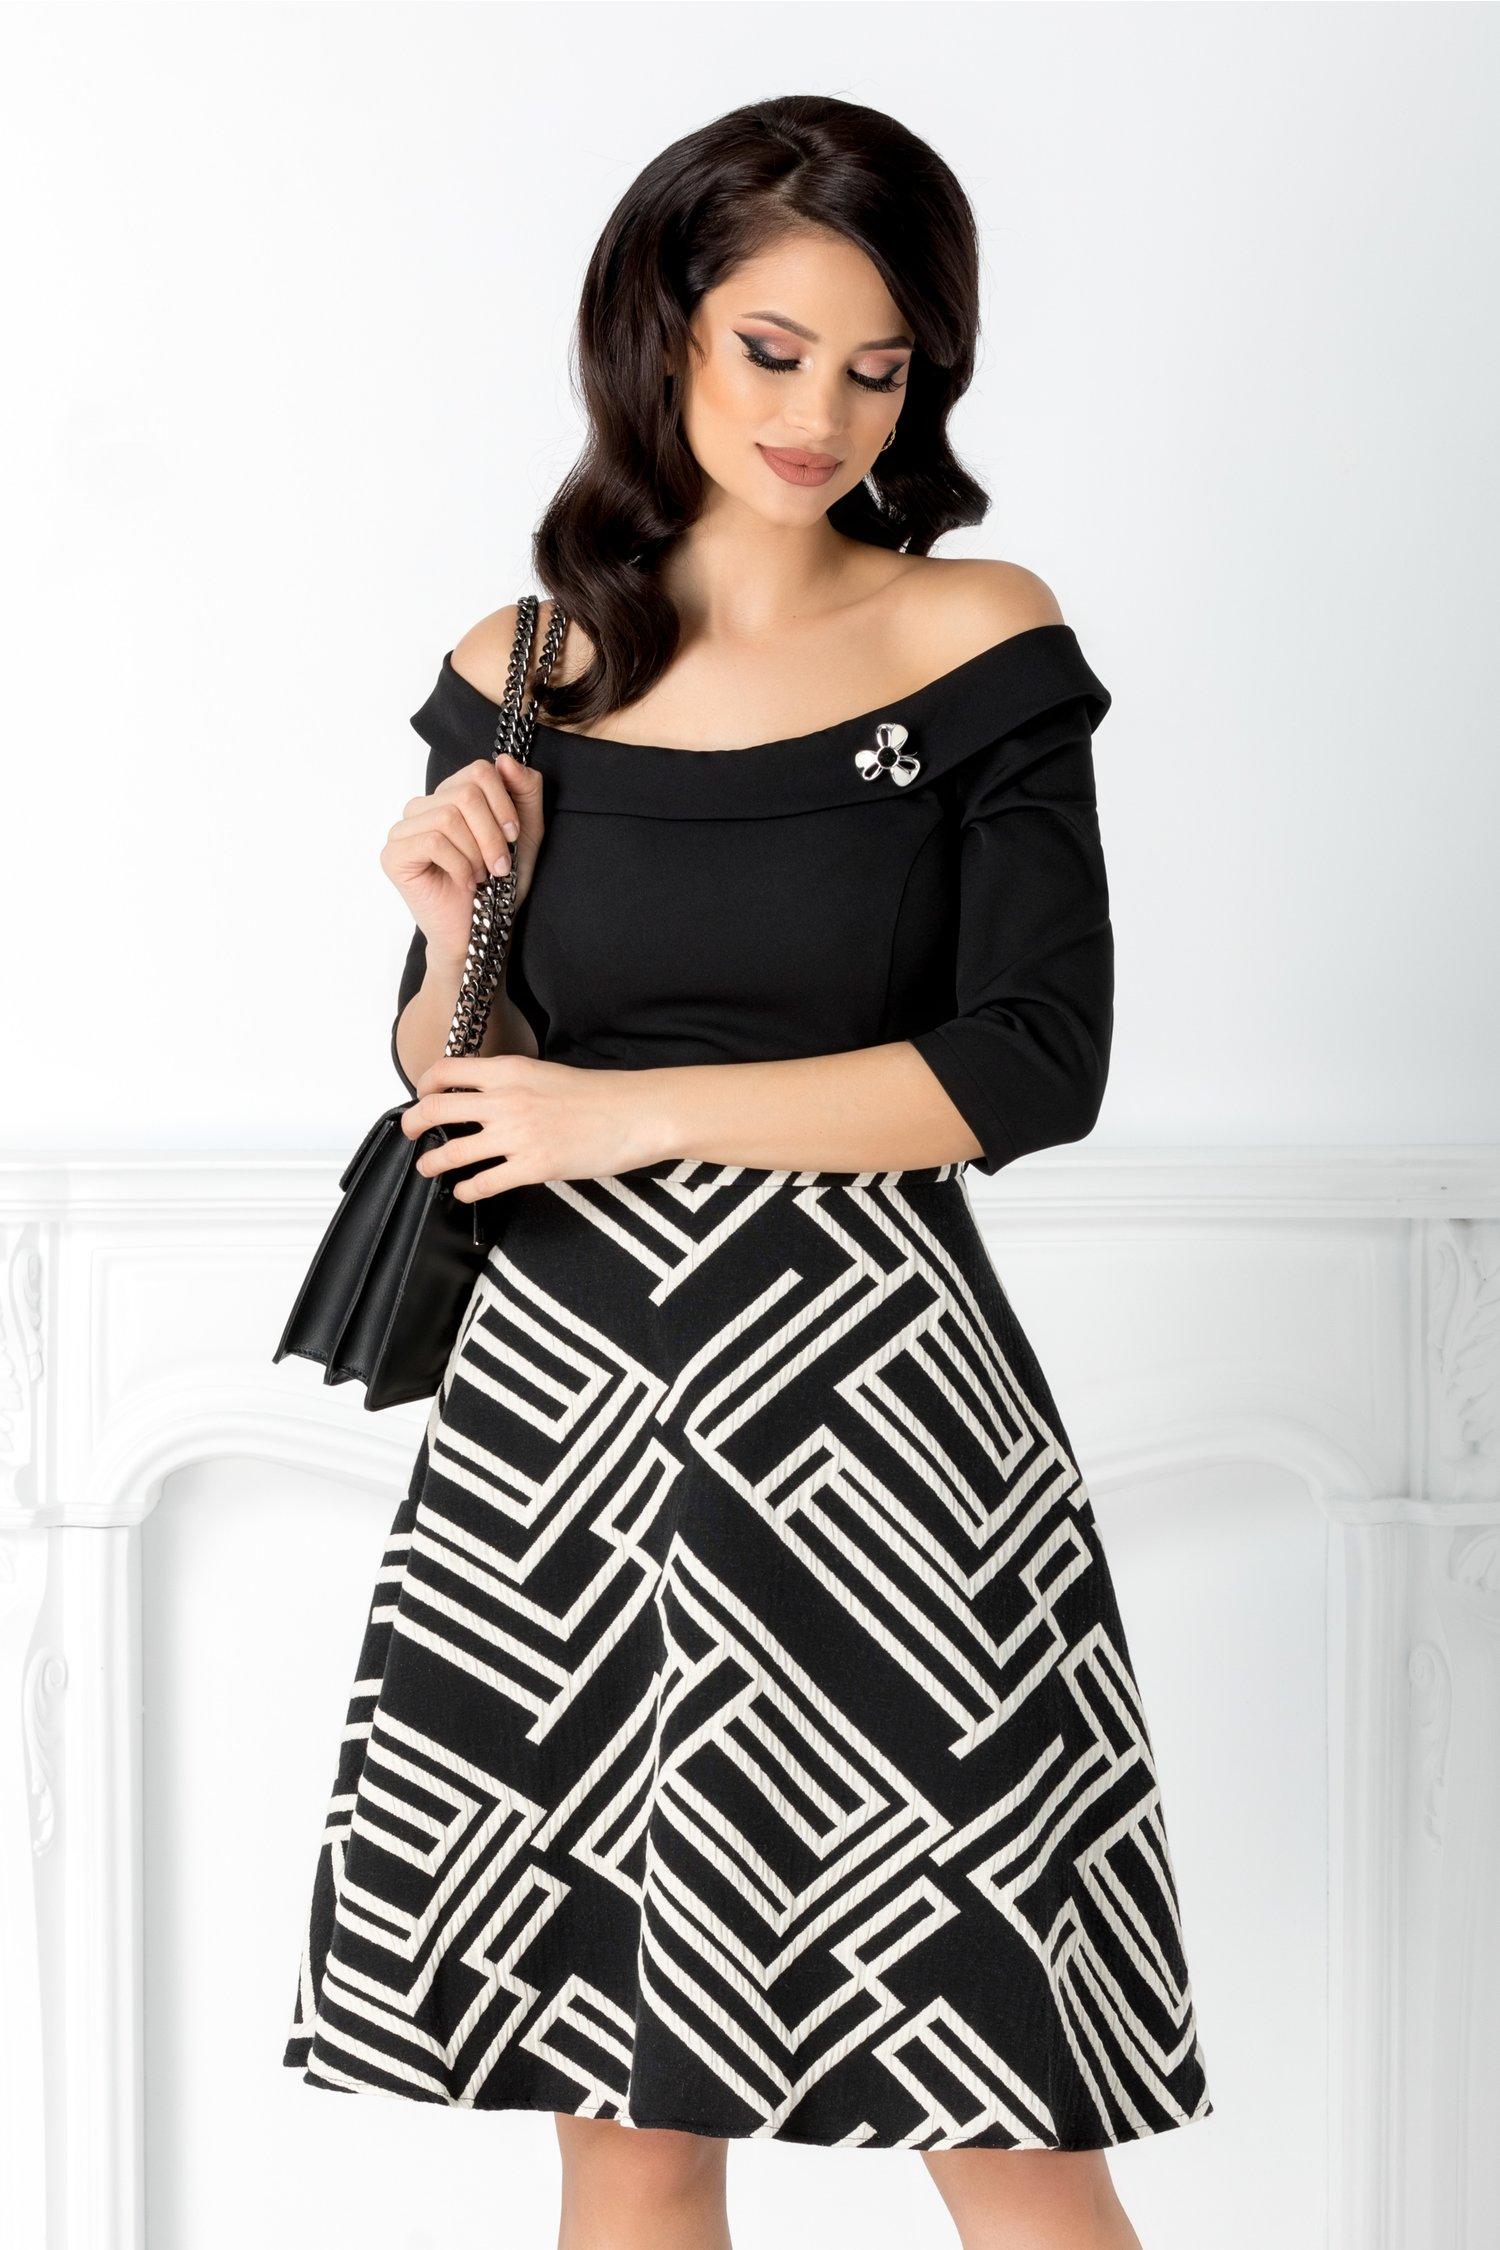 Rochie Angy neagra cu imprimeu alb la baza